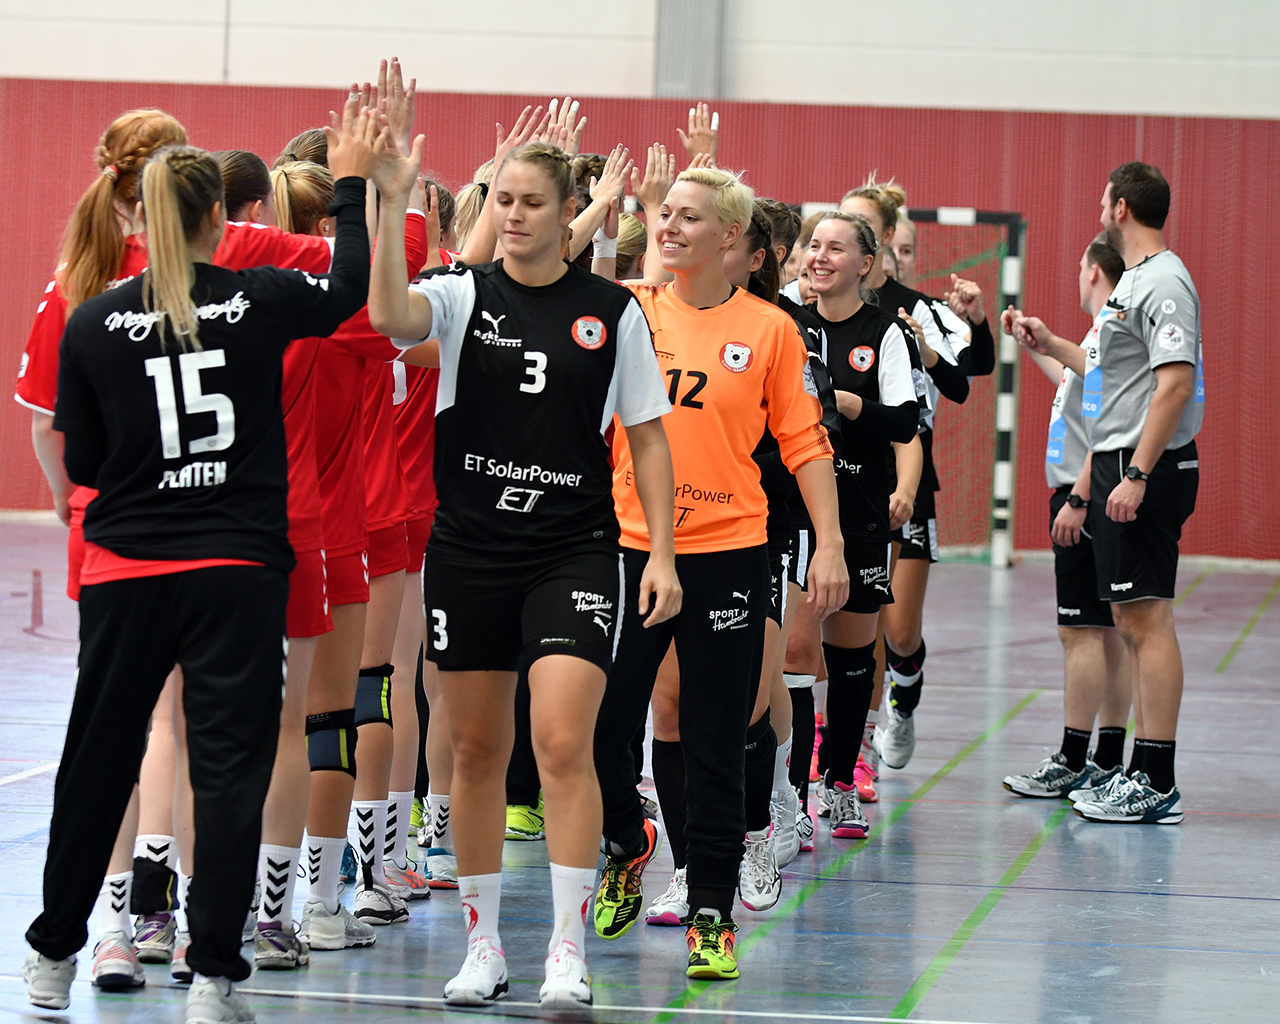 Handball Ligen Baden Württemberg